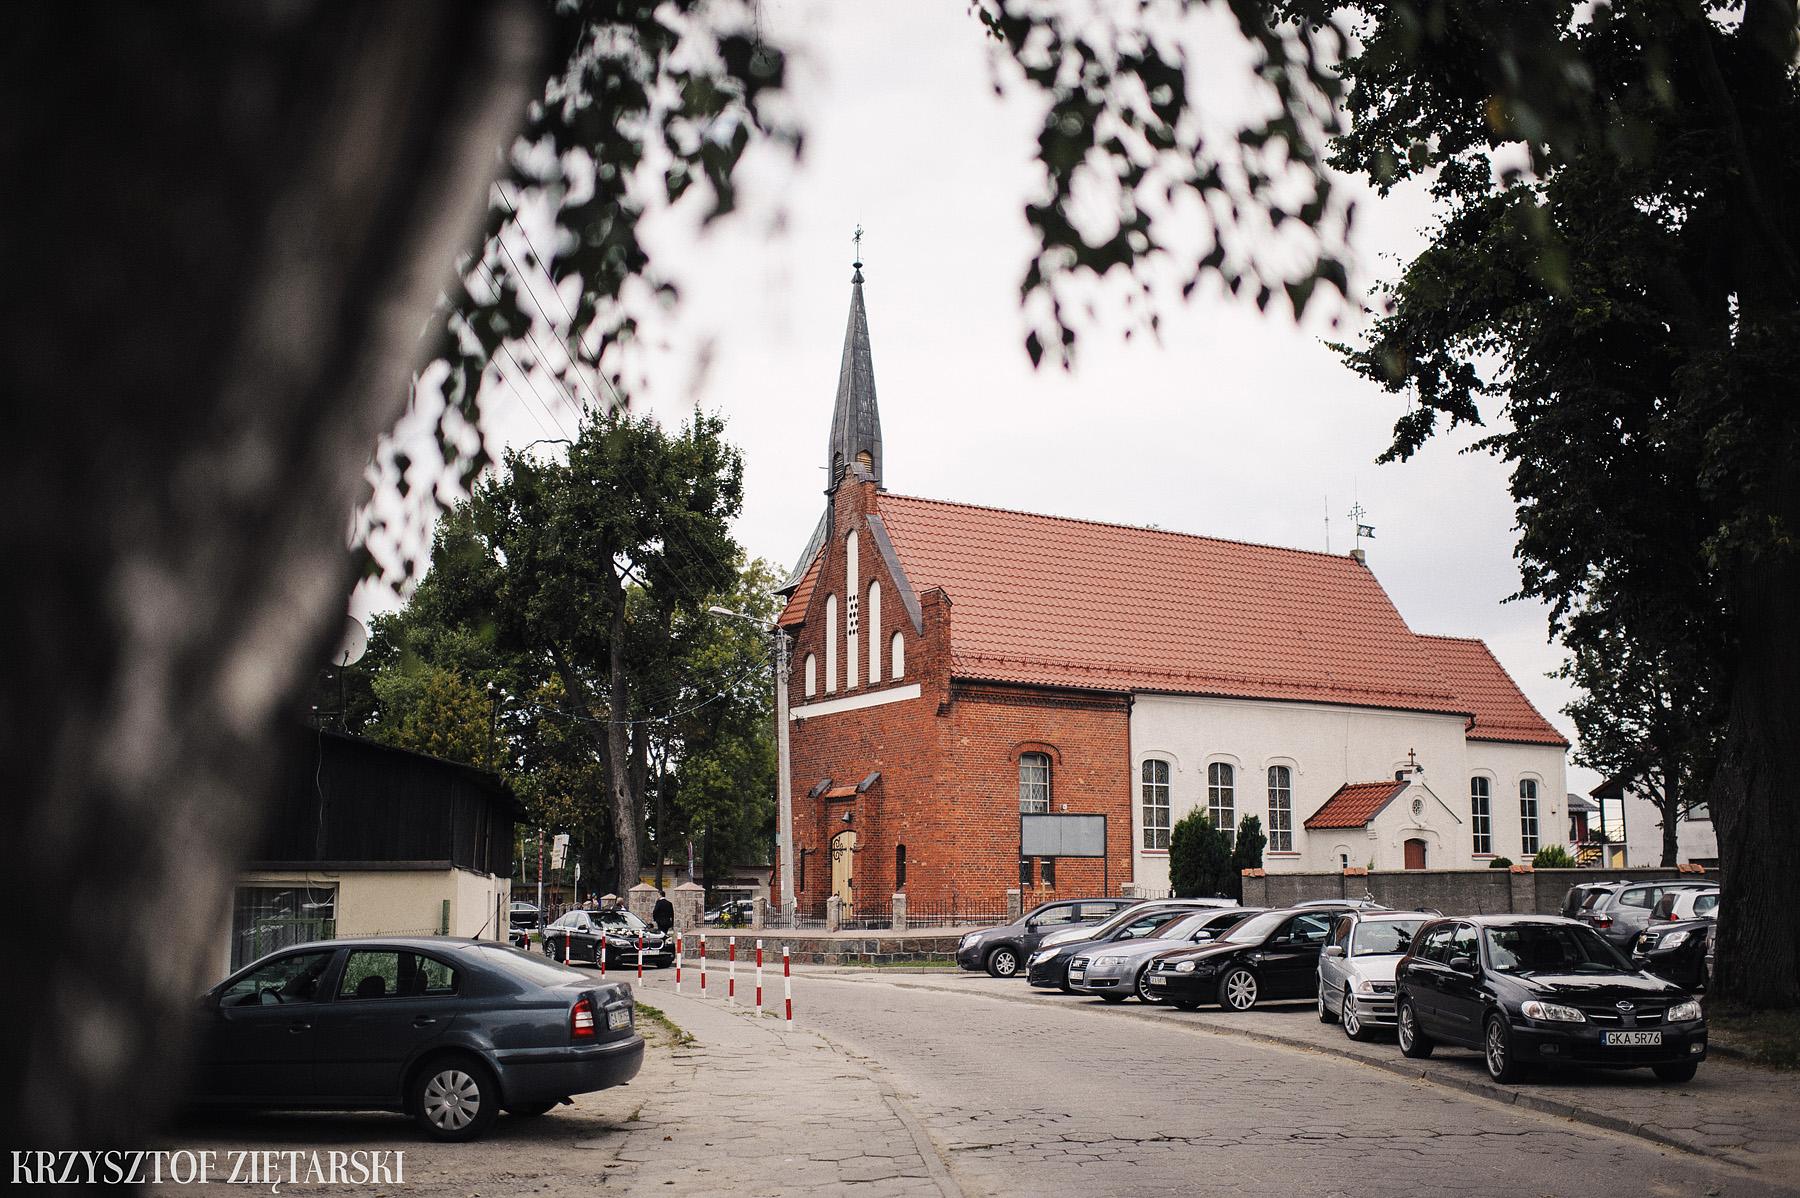 Karolina i Jacek - Fotografia ślubna Gdańsk, Chwaszczyno, Gościniec dla Przyjaciół Wyczechowo Hilary - 6.